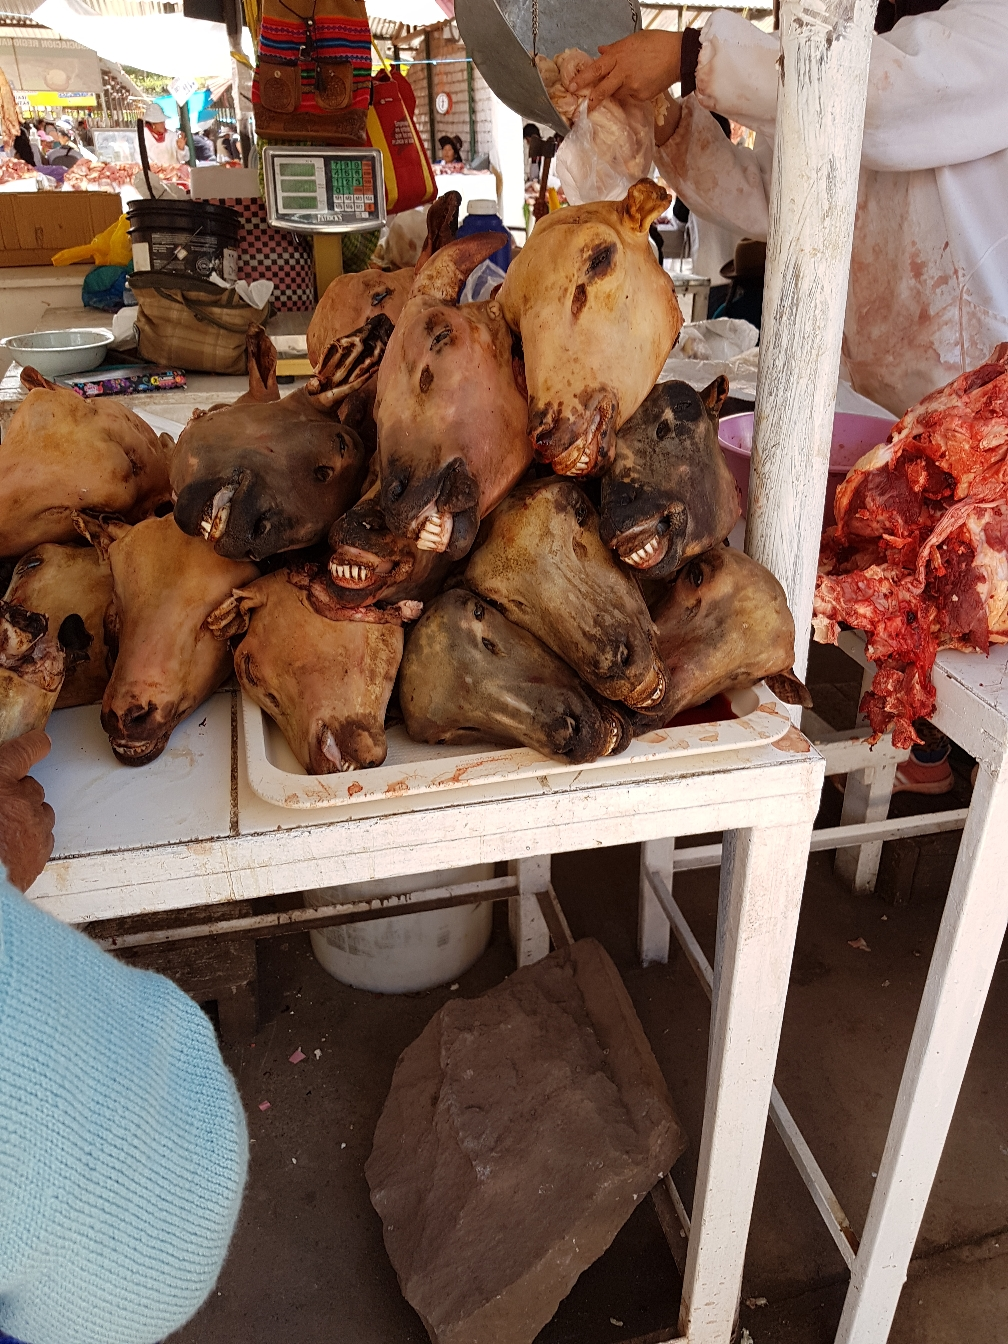 Schafsköpfe - Suppen mit Tierköpfen werden hier gern gegessen.